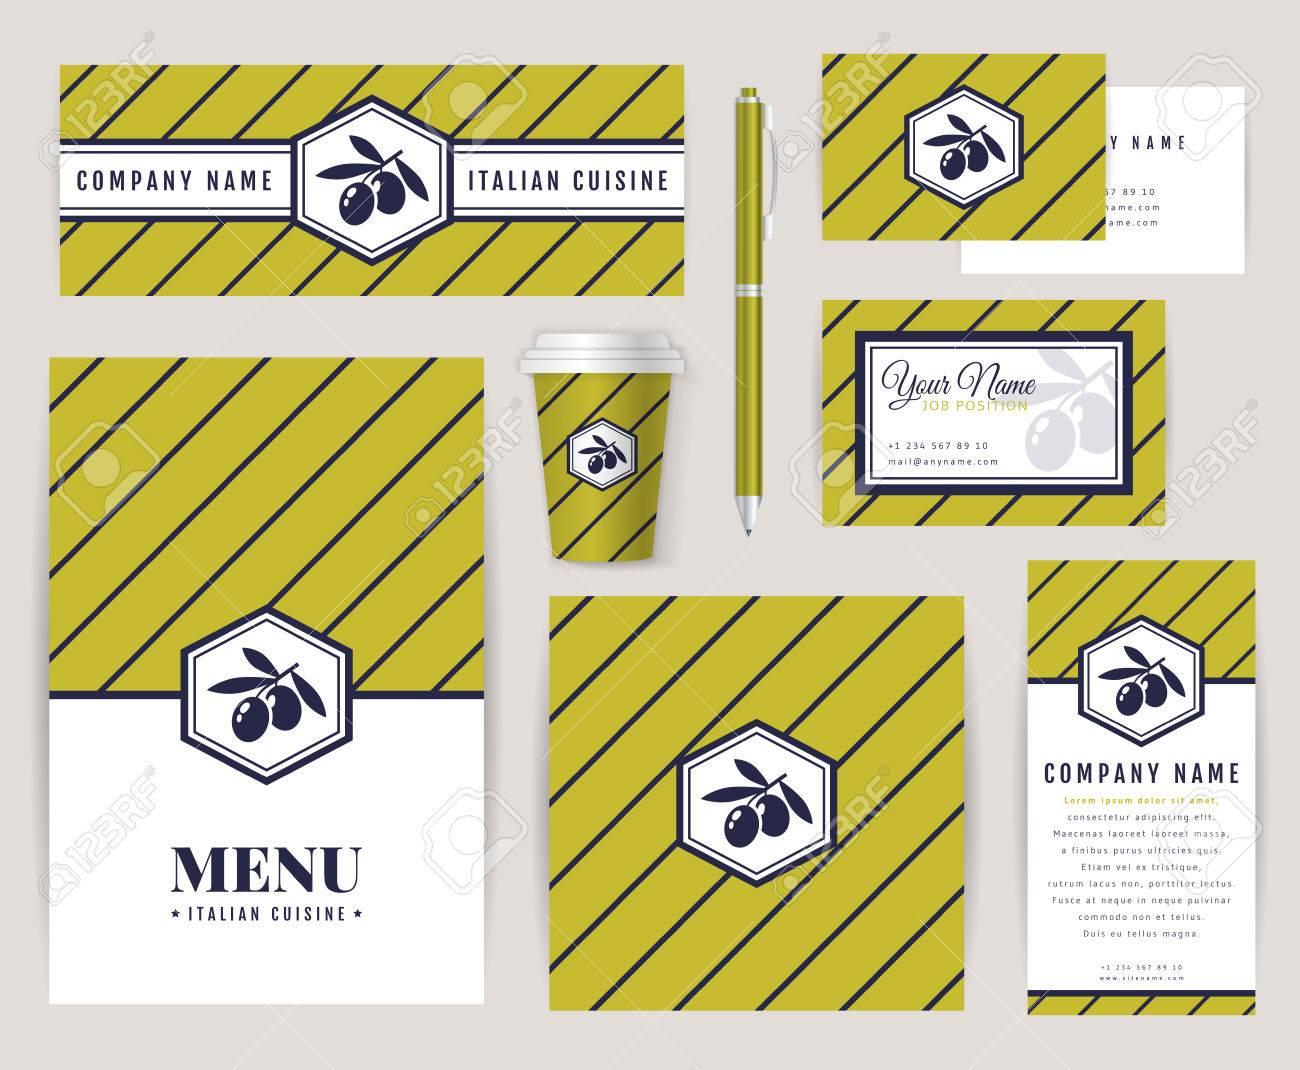 Modele Carte Identite Italienne.Ensemble De Modeles D Identite D Entreprise Avec L Icone D Olive Cuisine Italienne Themes Menu Carte D Identite Bannieres Tasse De Cafe Et De